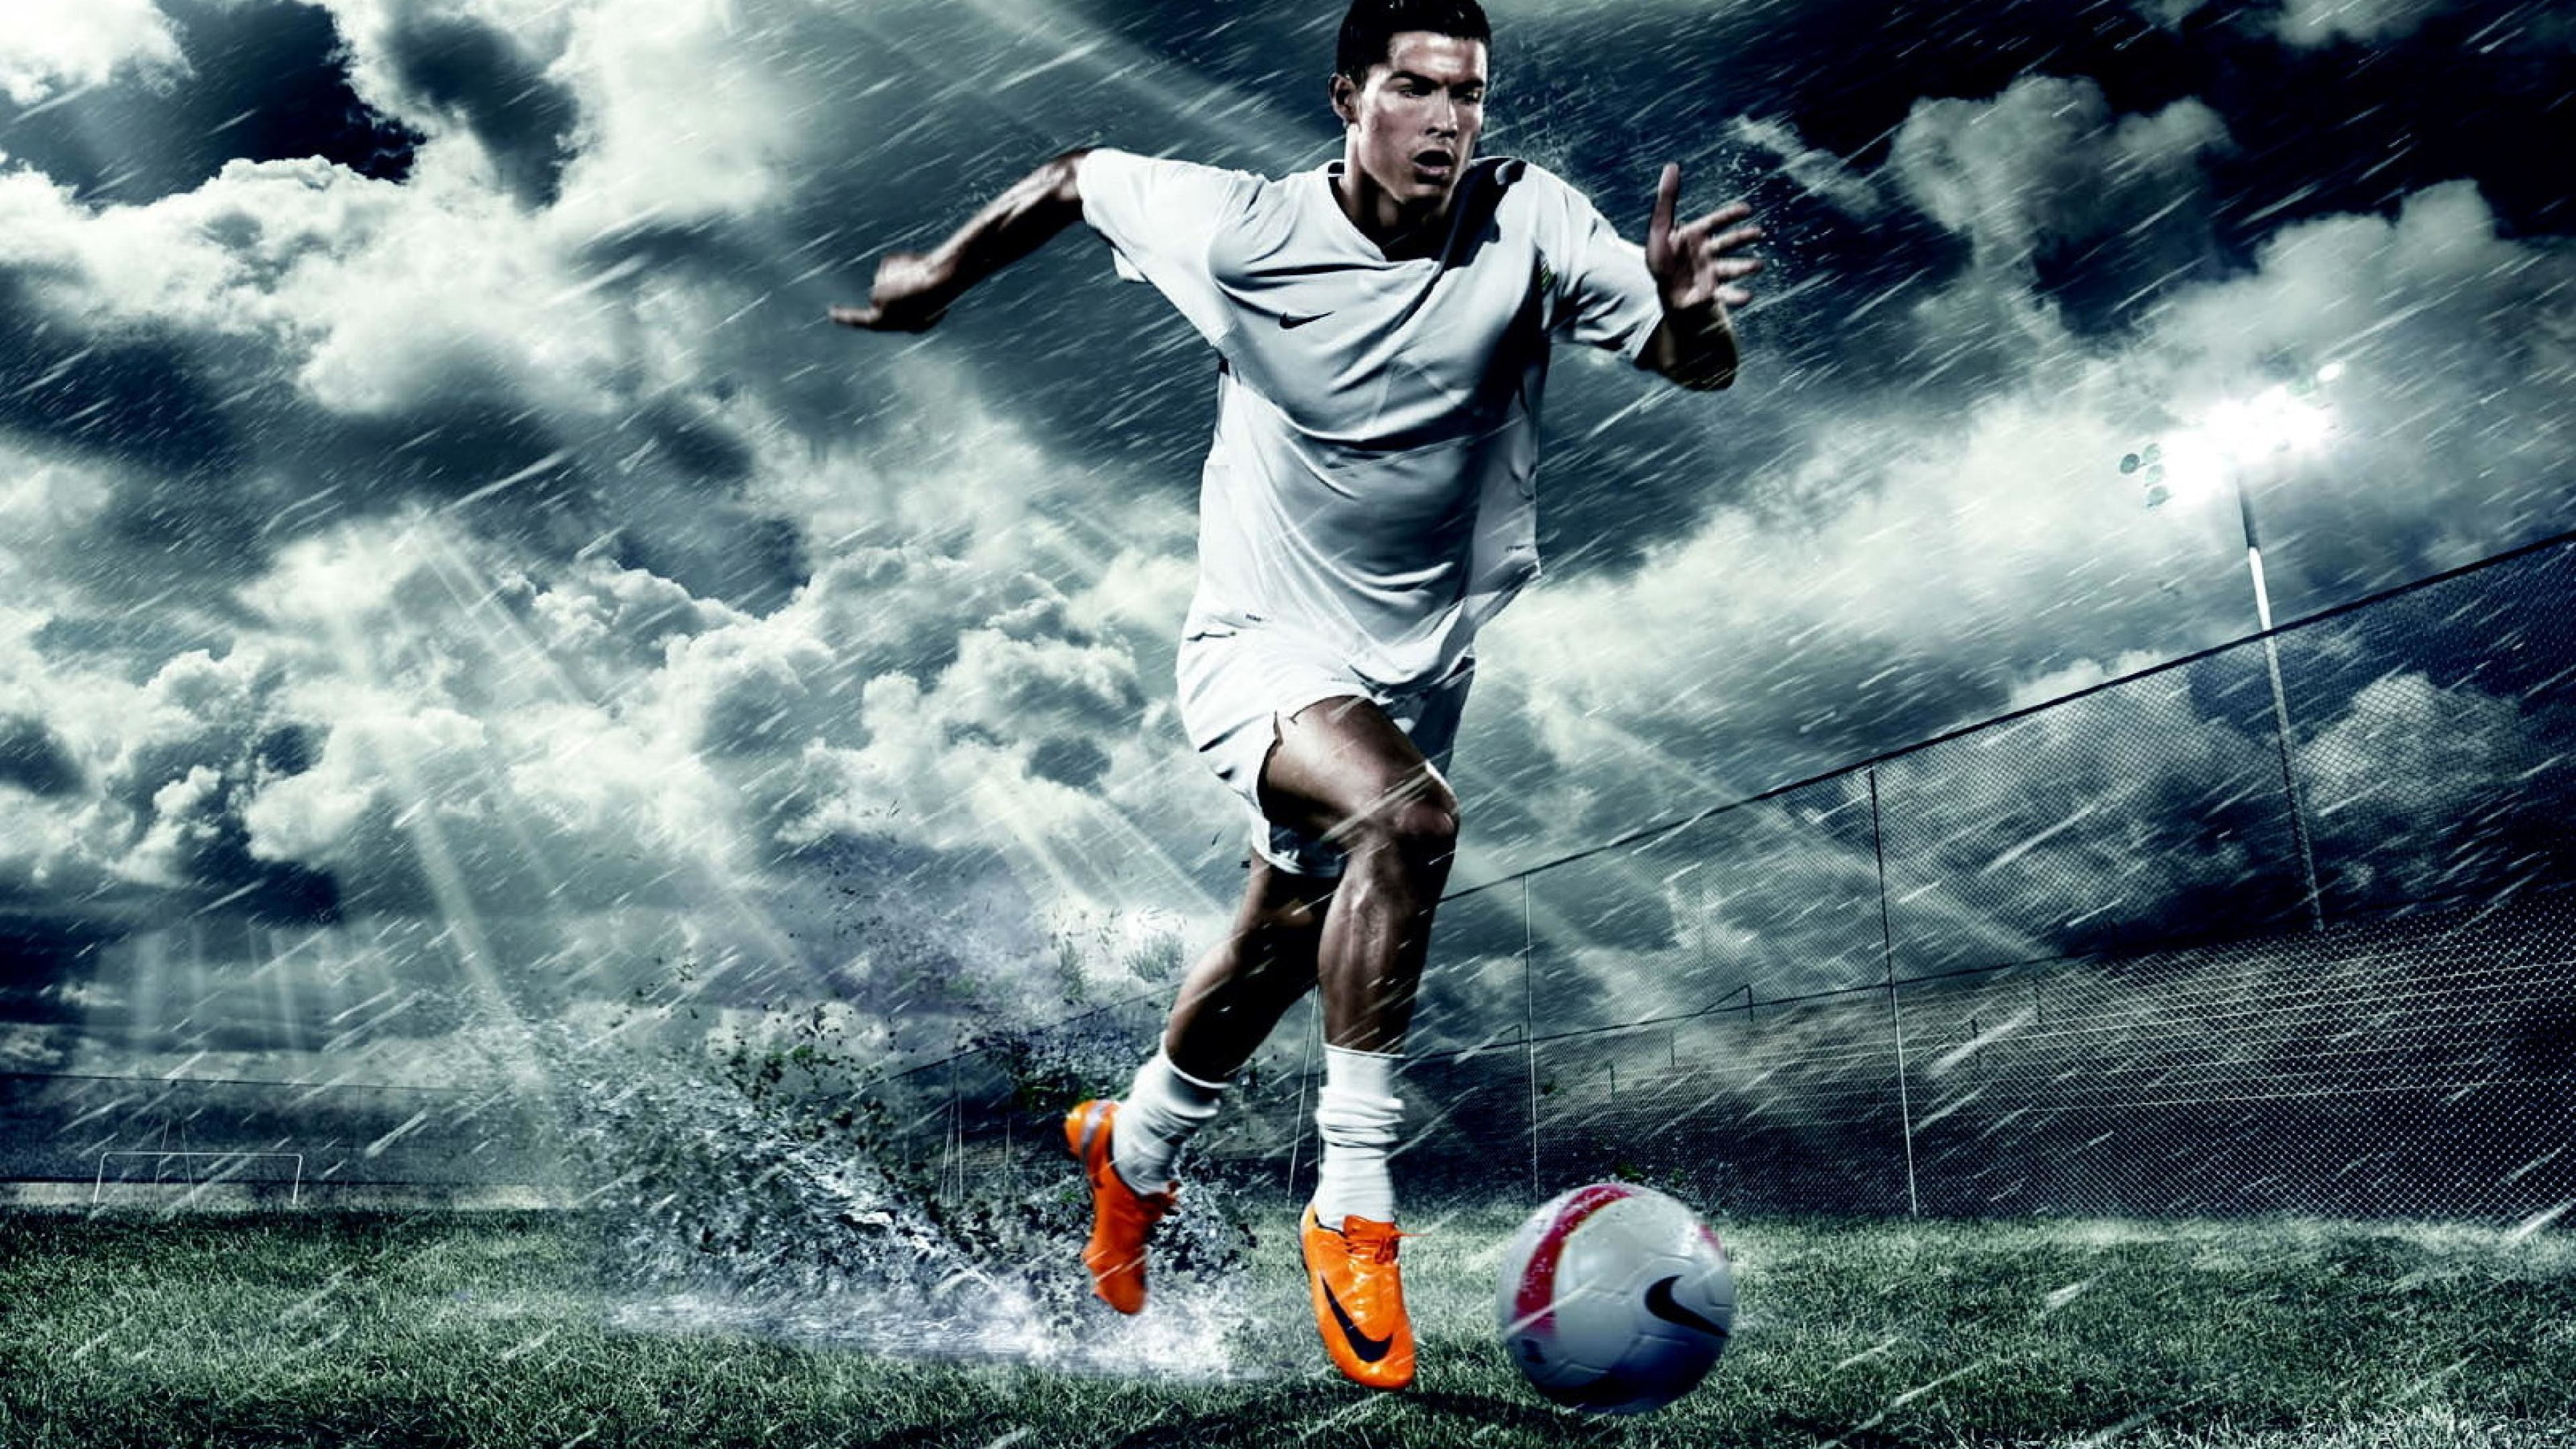 Cristiano Ronaldo Wallpaper Nike 2018 58 Pictures